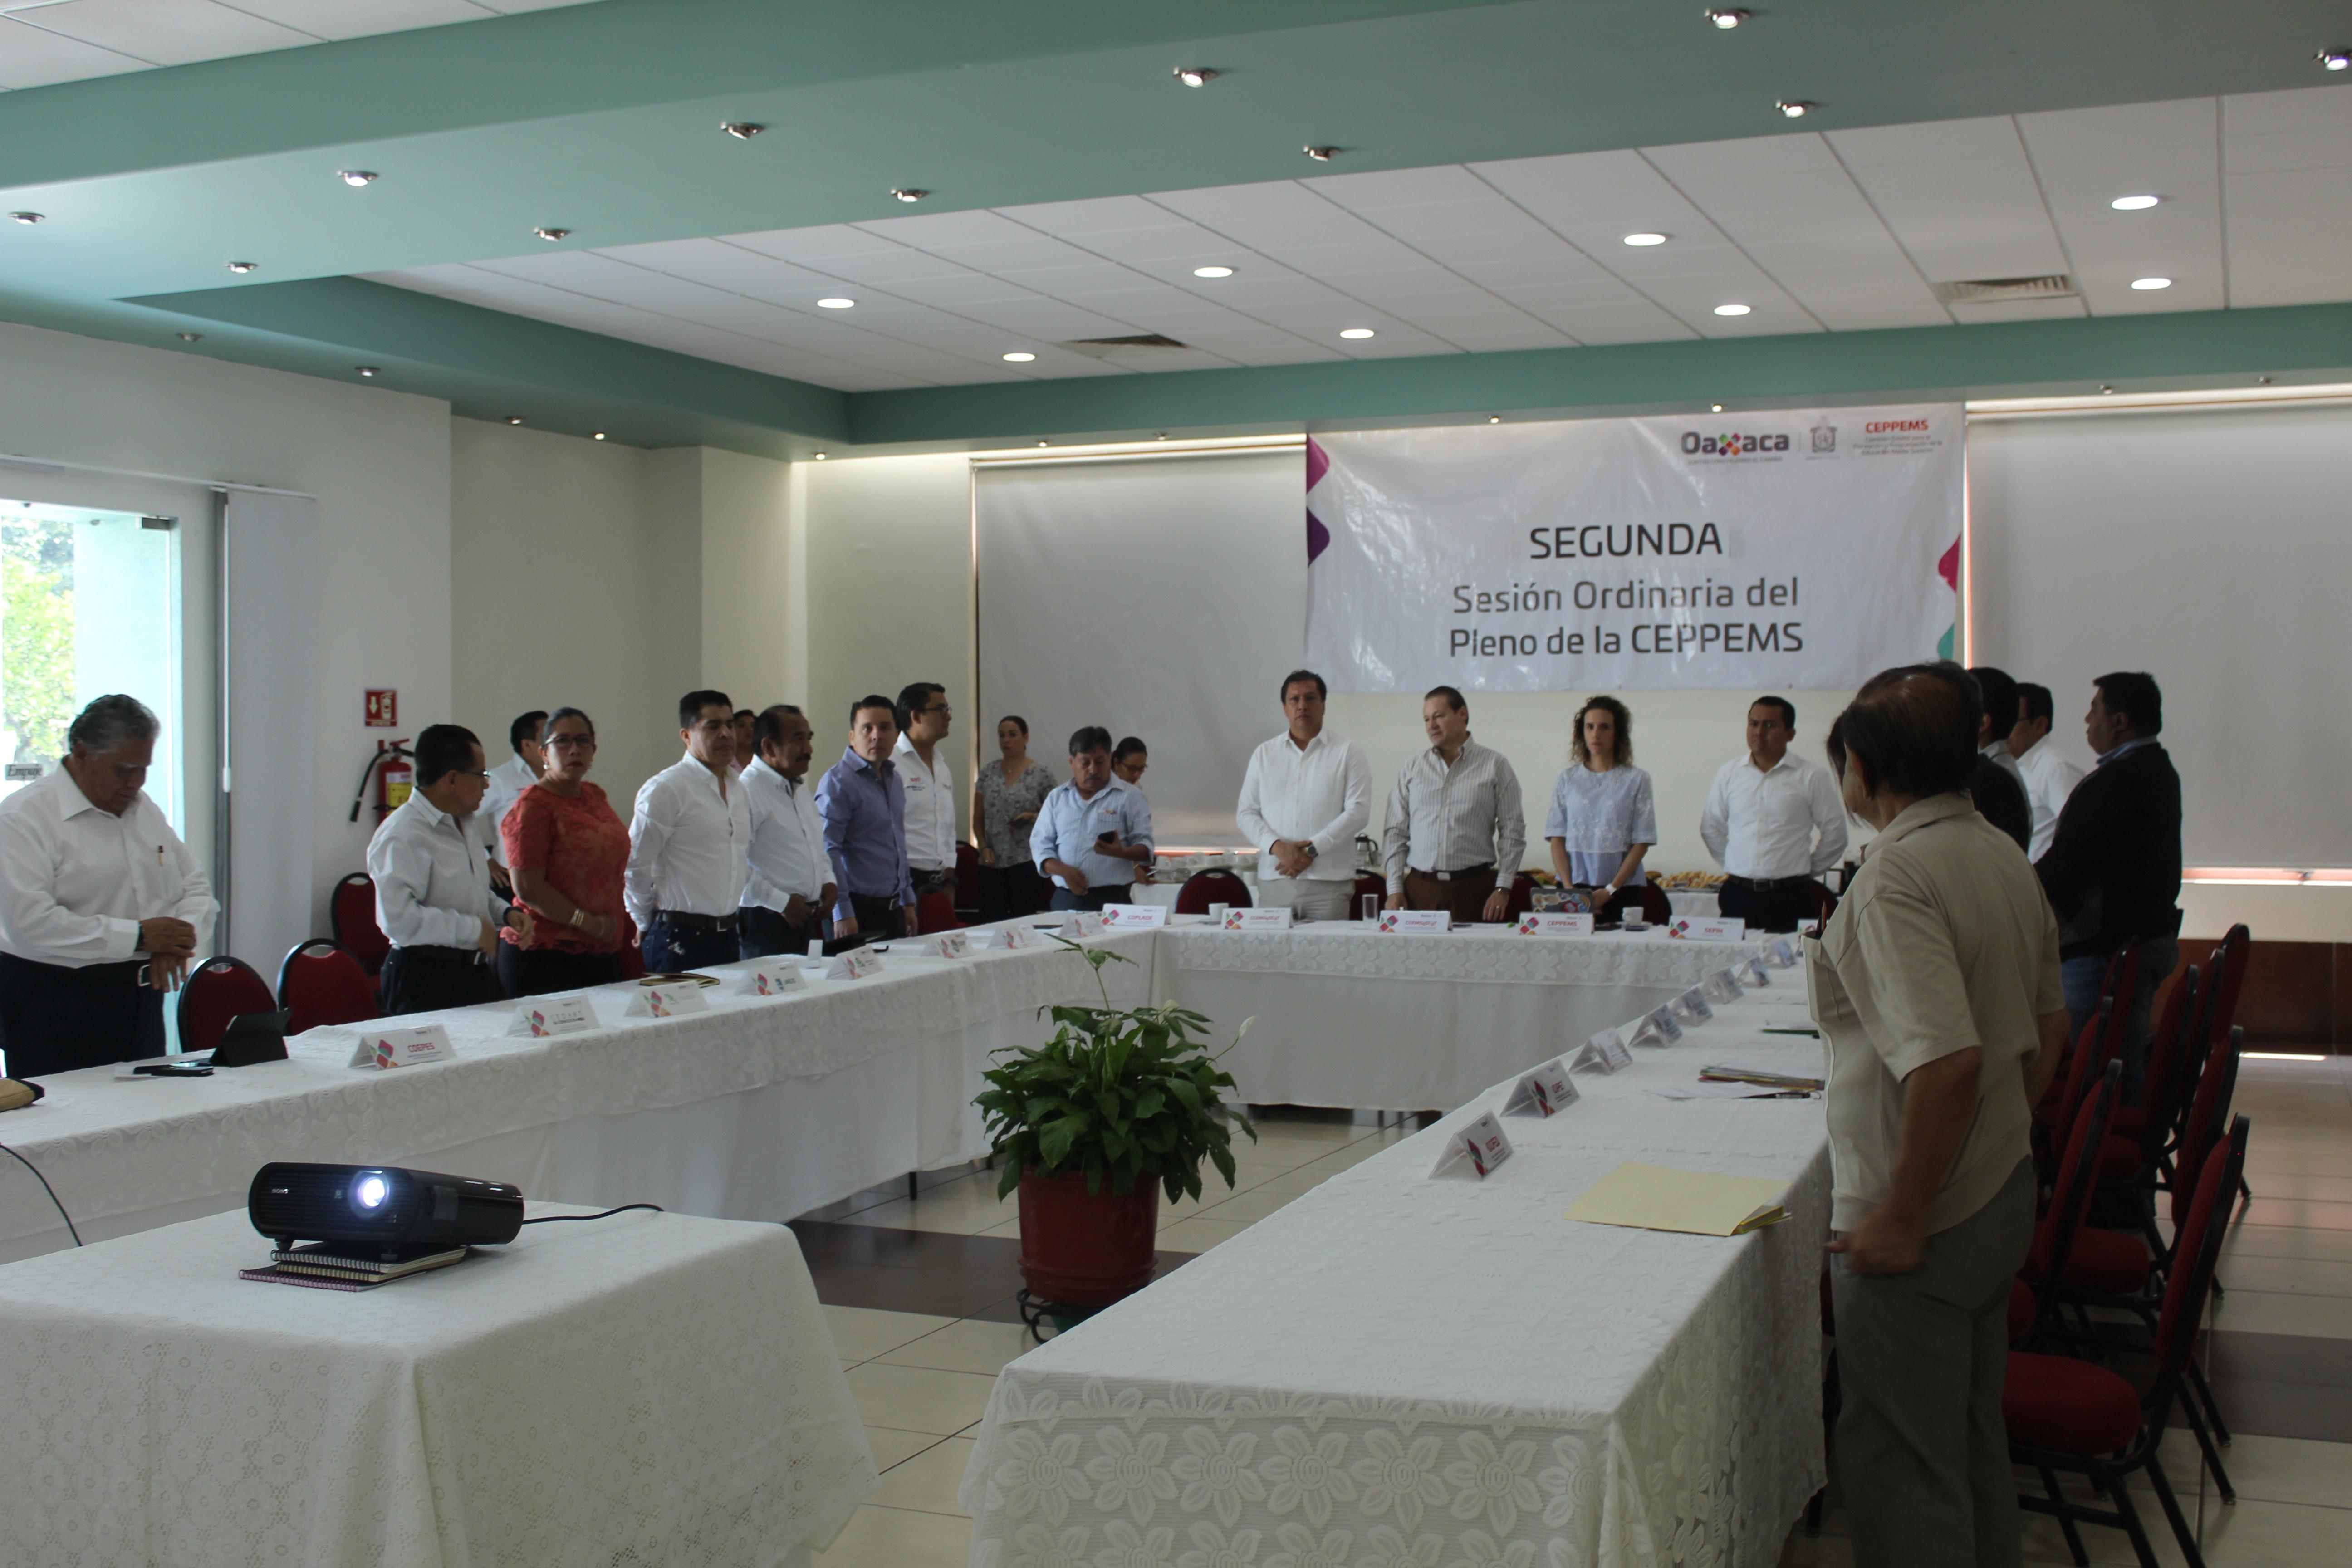 Segunda Sesión Ordinaria de la CEPPEMS